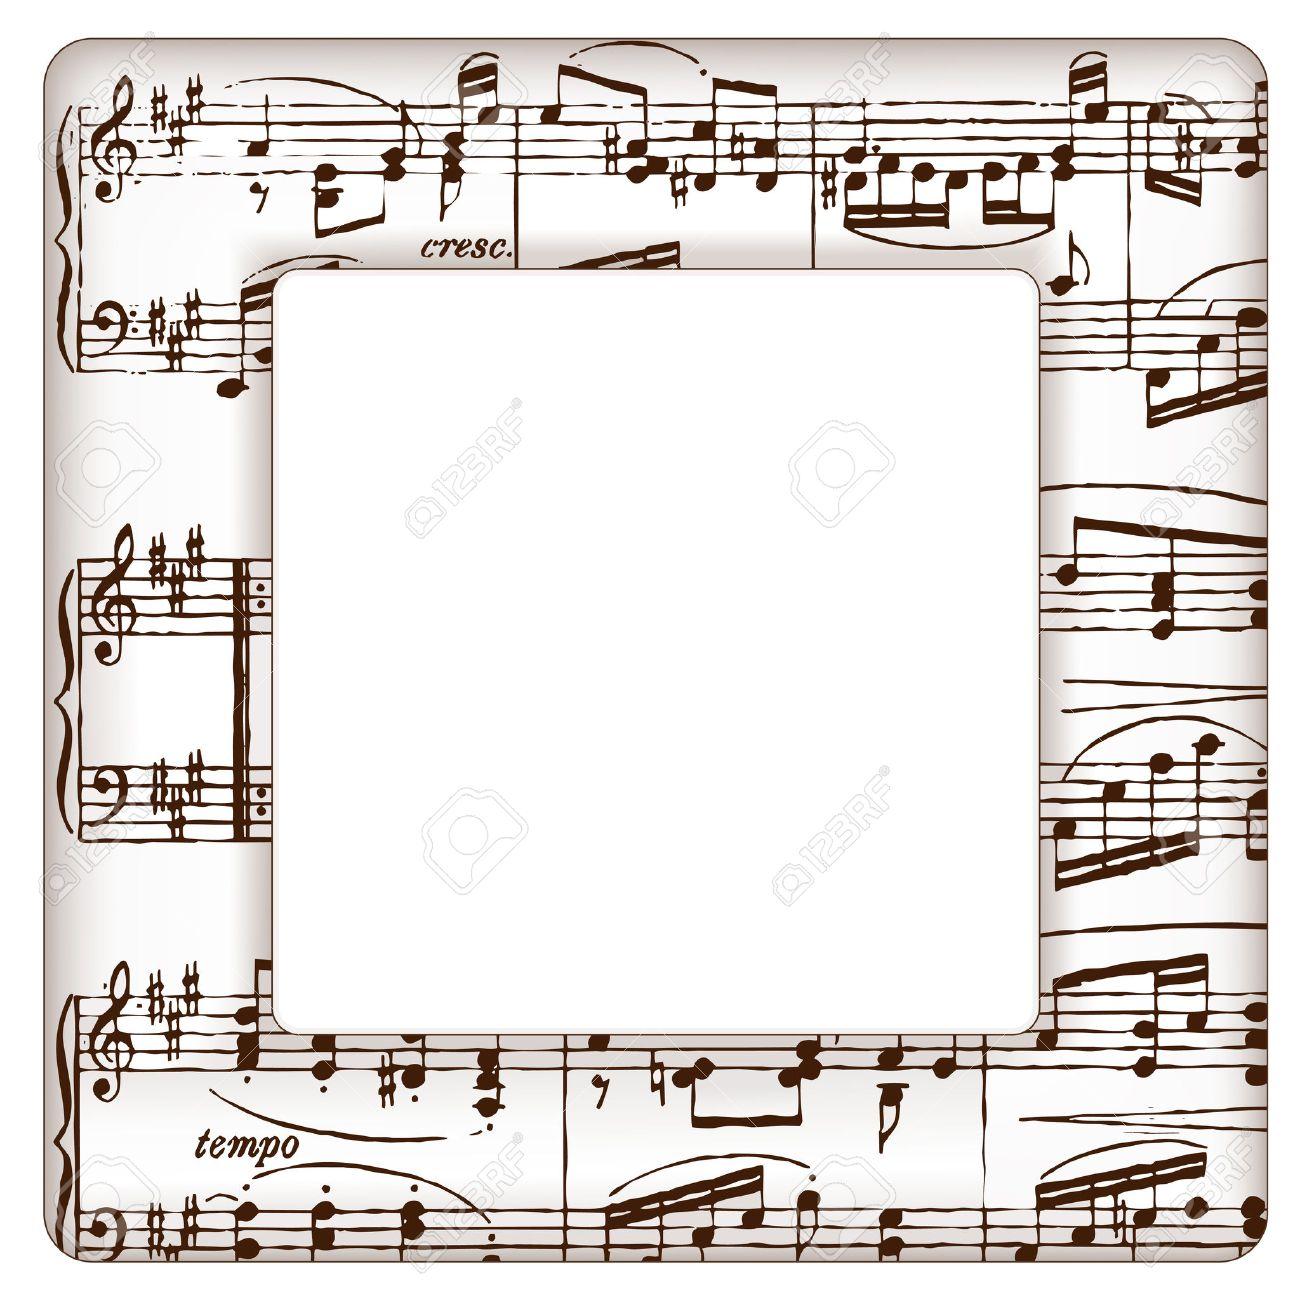 Musik Beachtet Bilderrahmen Für Konzerte, Performances, Lesungen ...